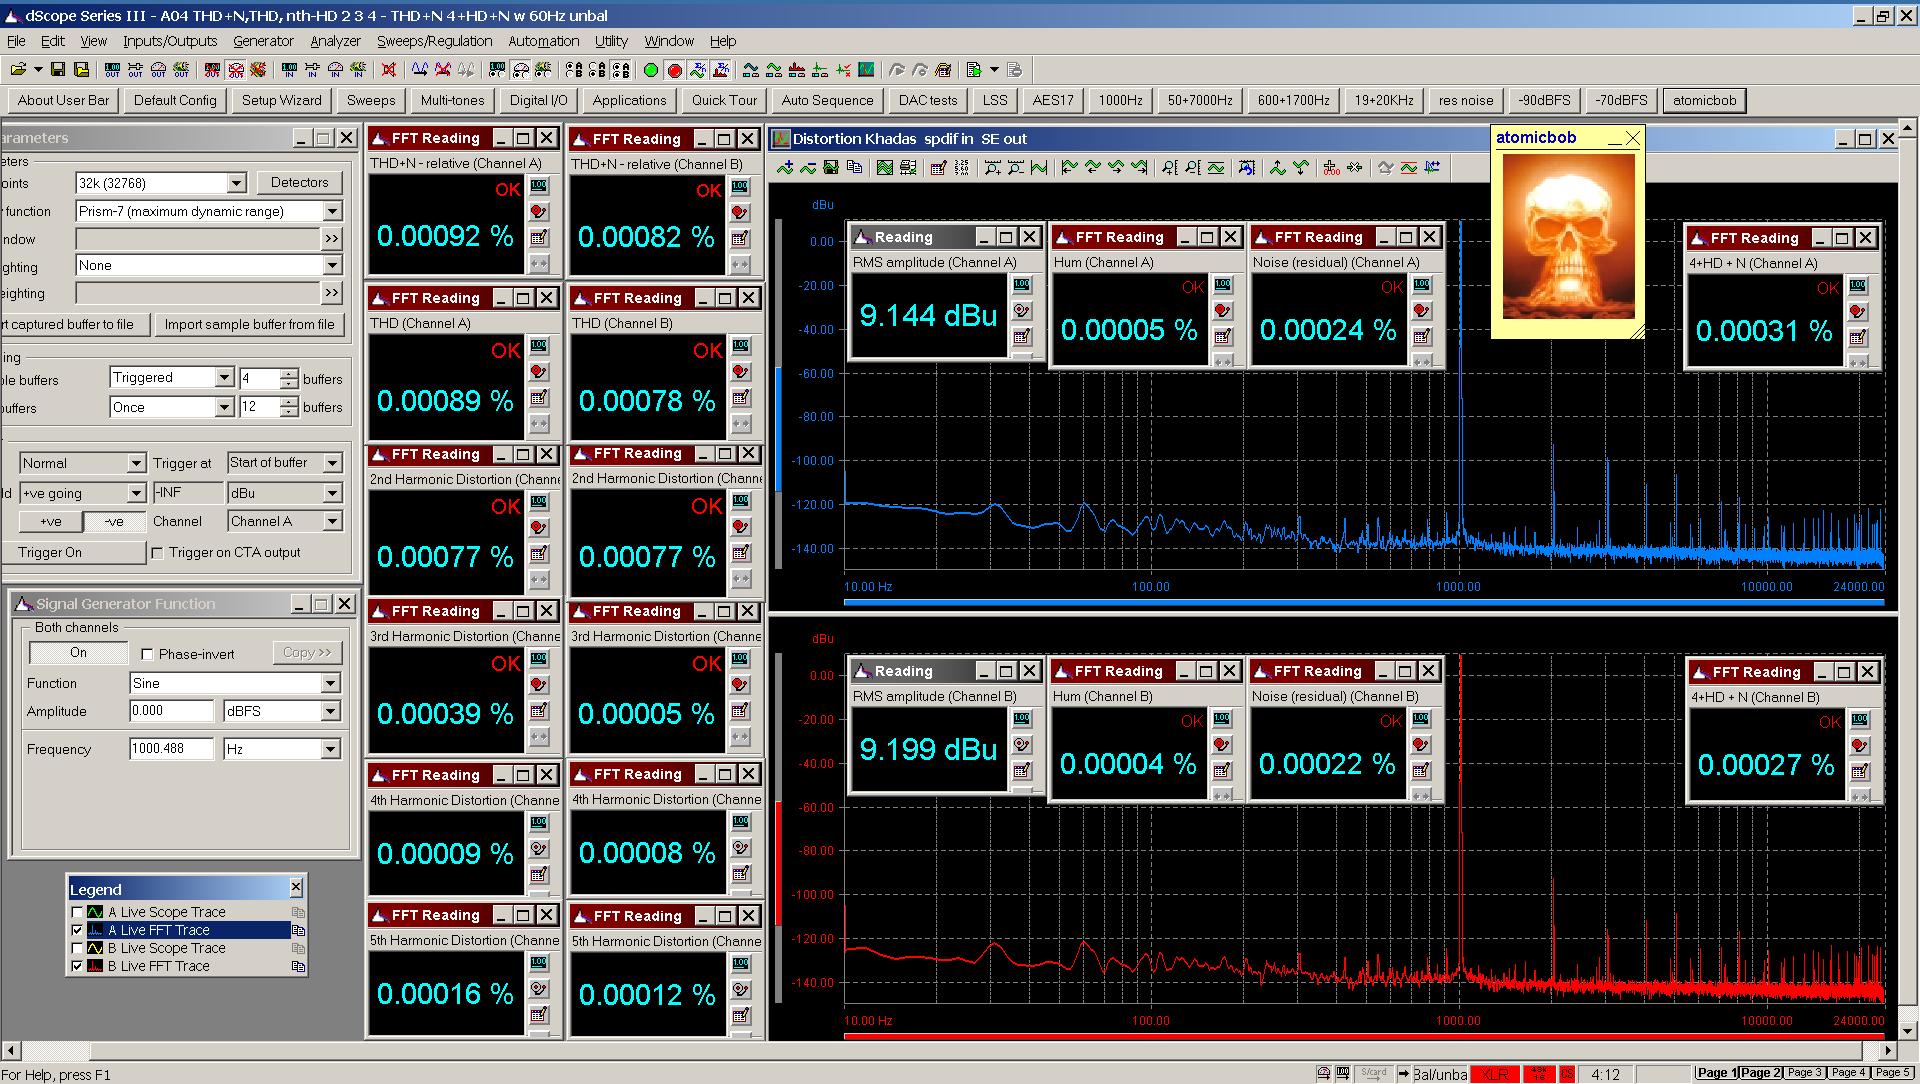 20200506 Khadas A04 THD+N THD nth-HD 4+HD+N 60Hz FFT SE 0dBFS - spdif SE.png